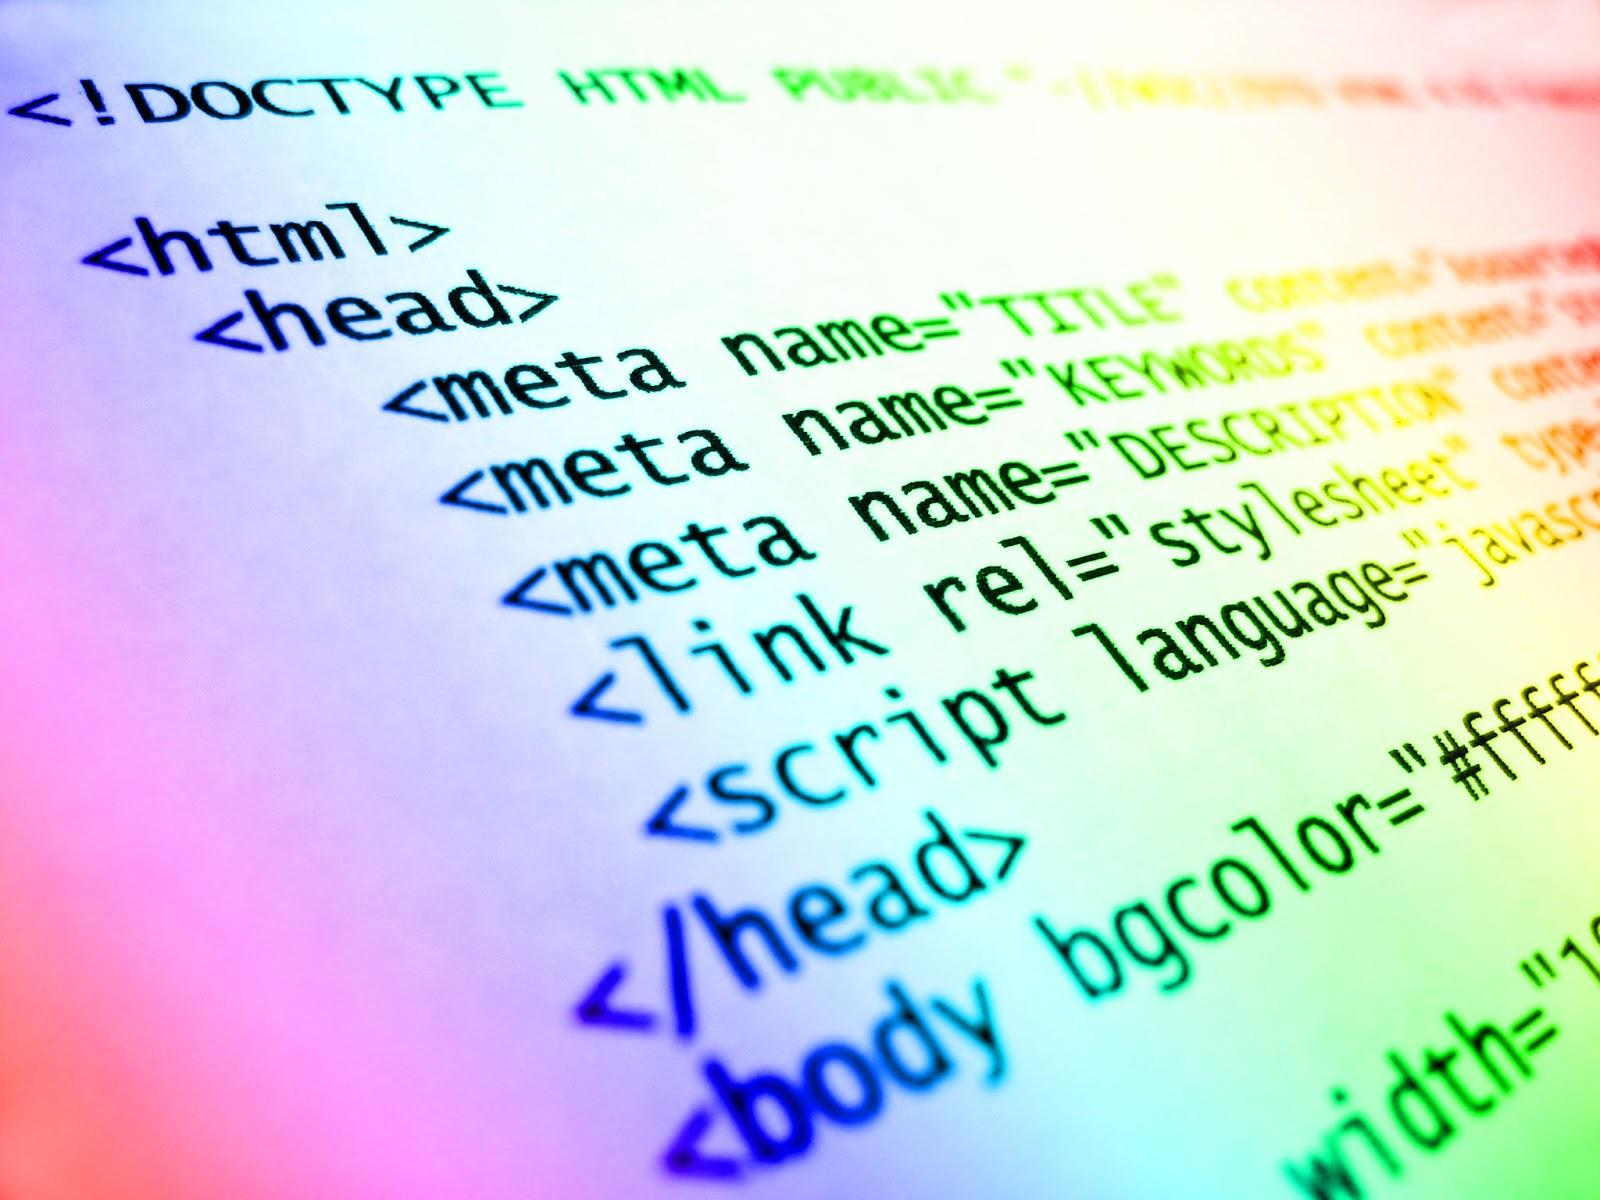 Vì đây là Javascript nên có thể áp dụng cho mọi thể loại website như wordpress, blogspot, xtgem, wapka, v.v\u2026 Việc của các bạn là coppy và paste: